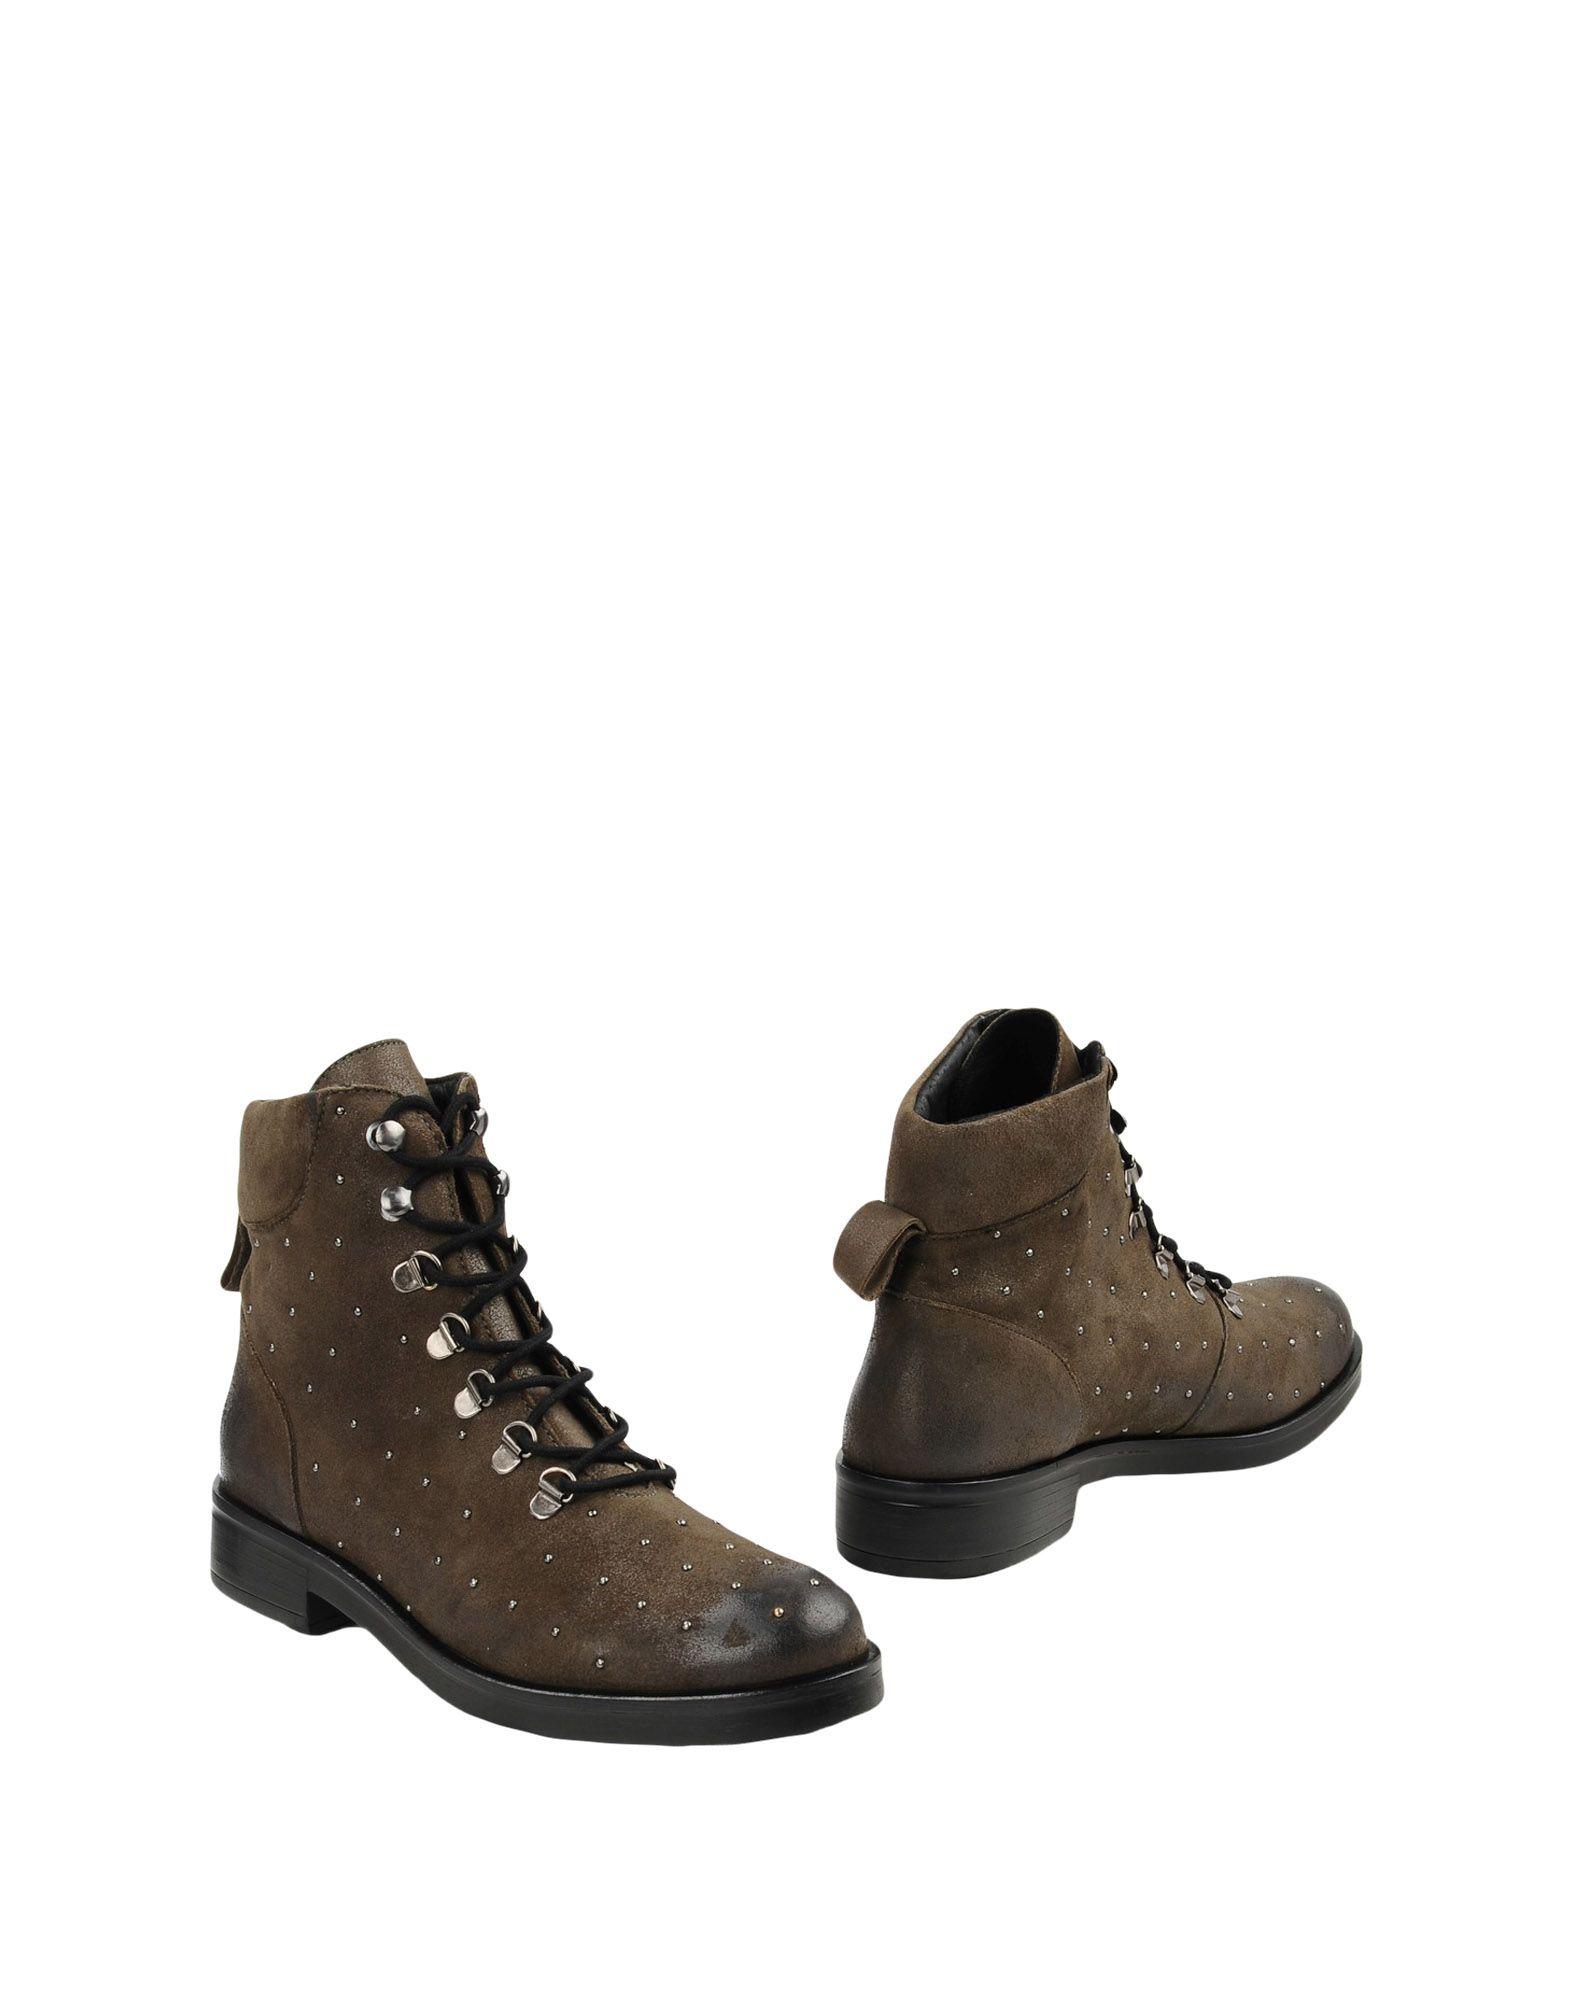 George J. Love Stiefelette Gute Damen  11357656CV Gute Stiefelette Qualität beliebte Schuhe c8c4a8